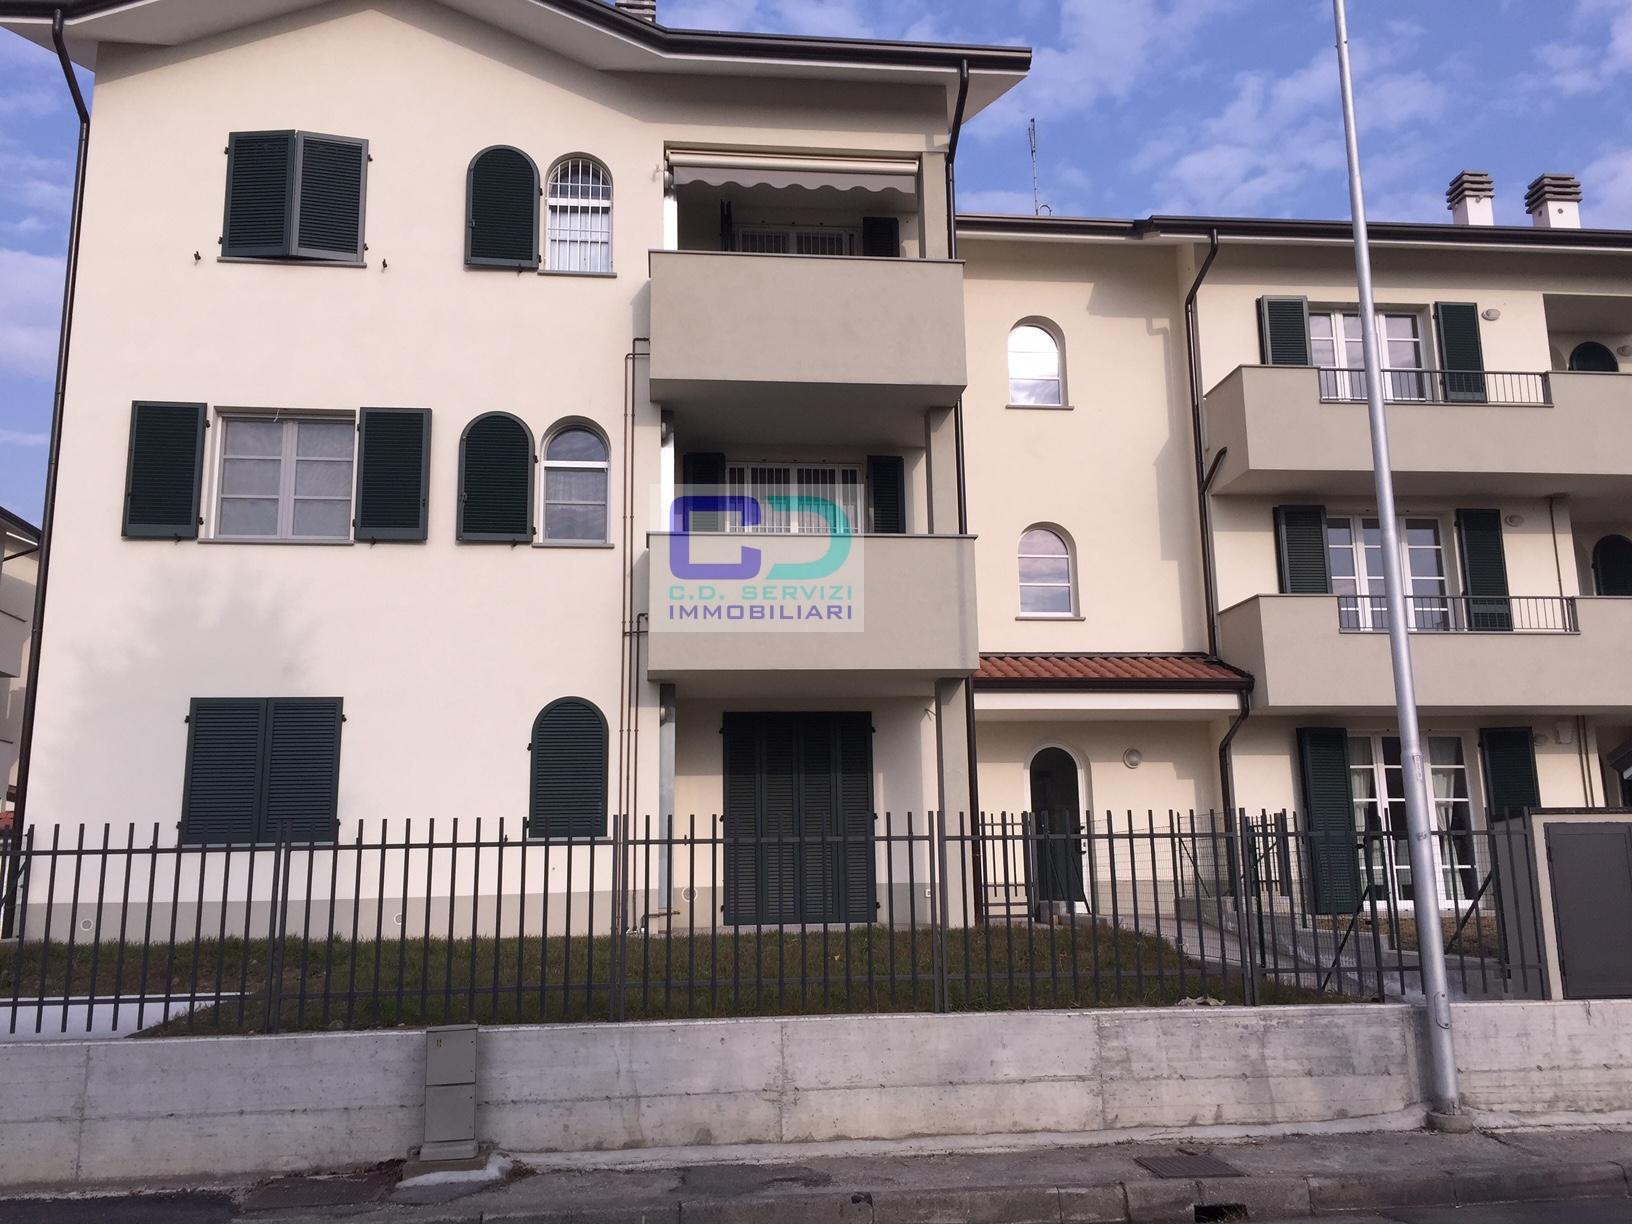 Appartamento in vendita a Rivolta d'Adda, 3 locali, prezzo € 185.000 | CambioCasa.it